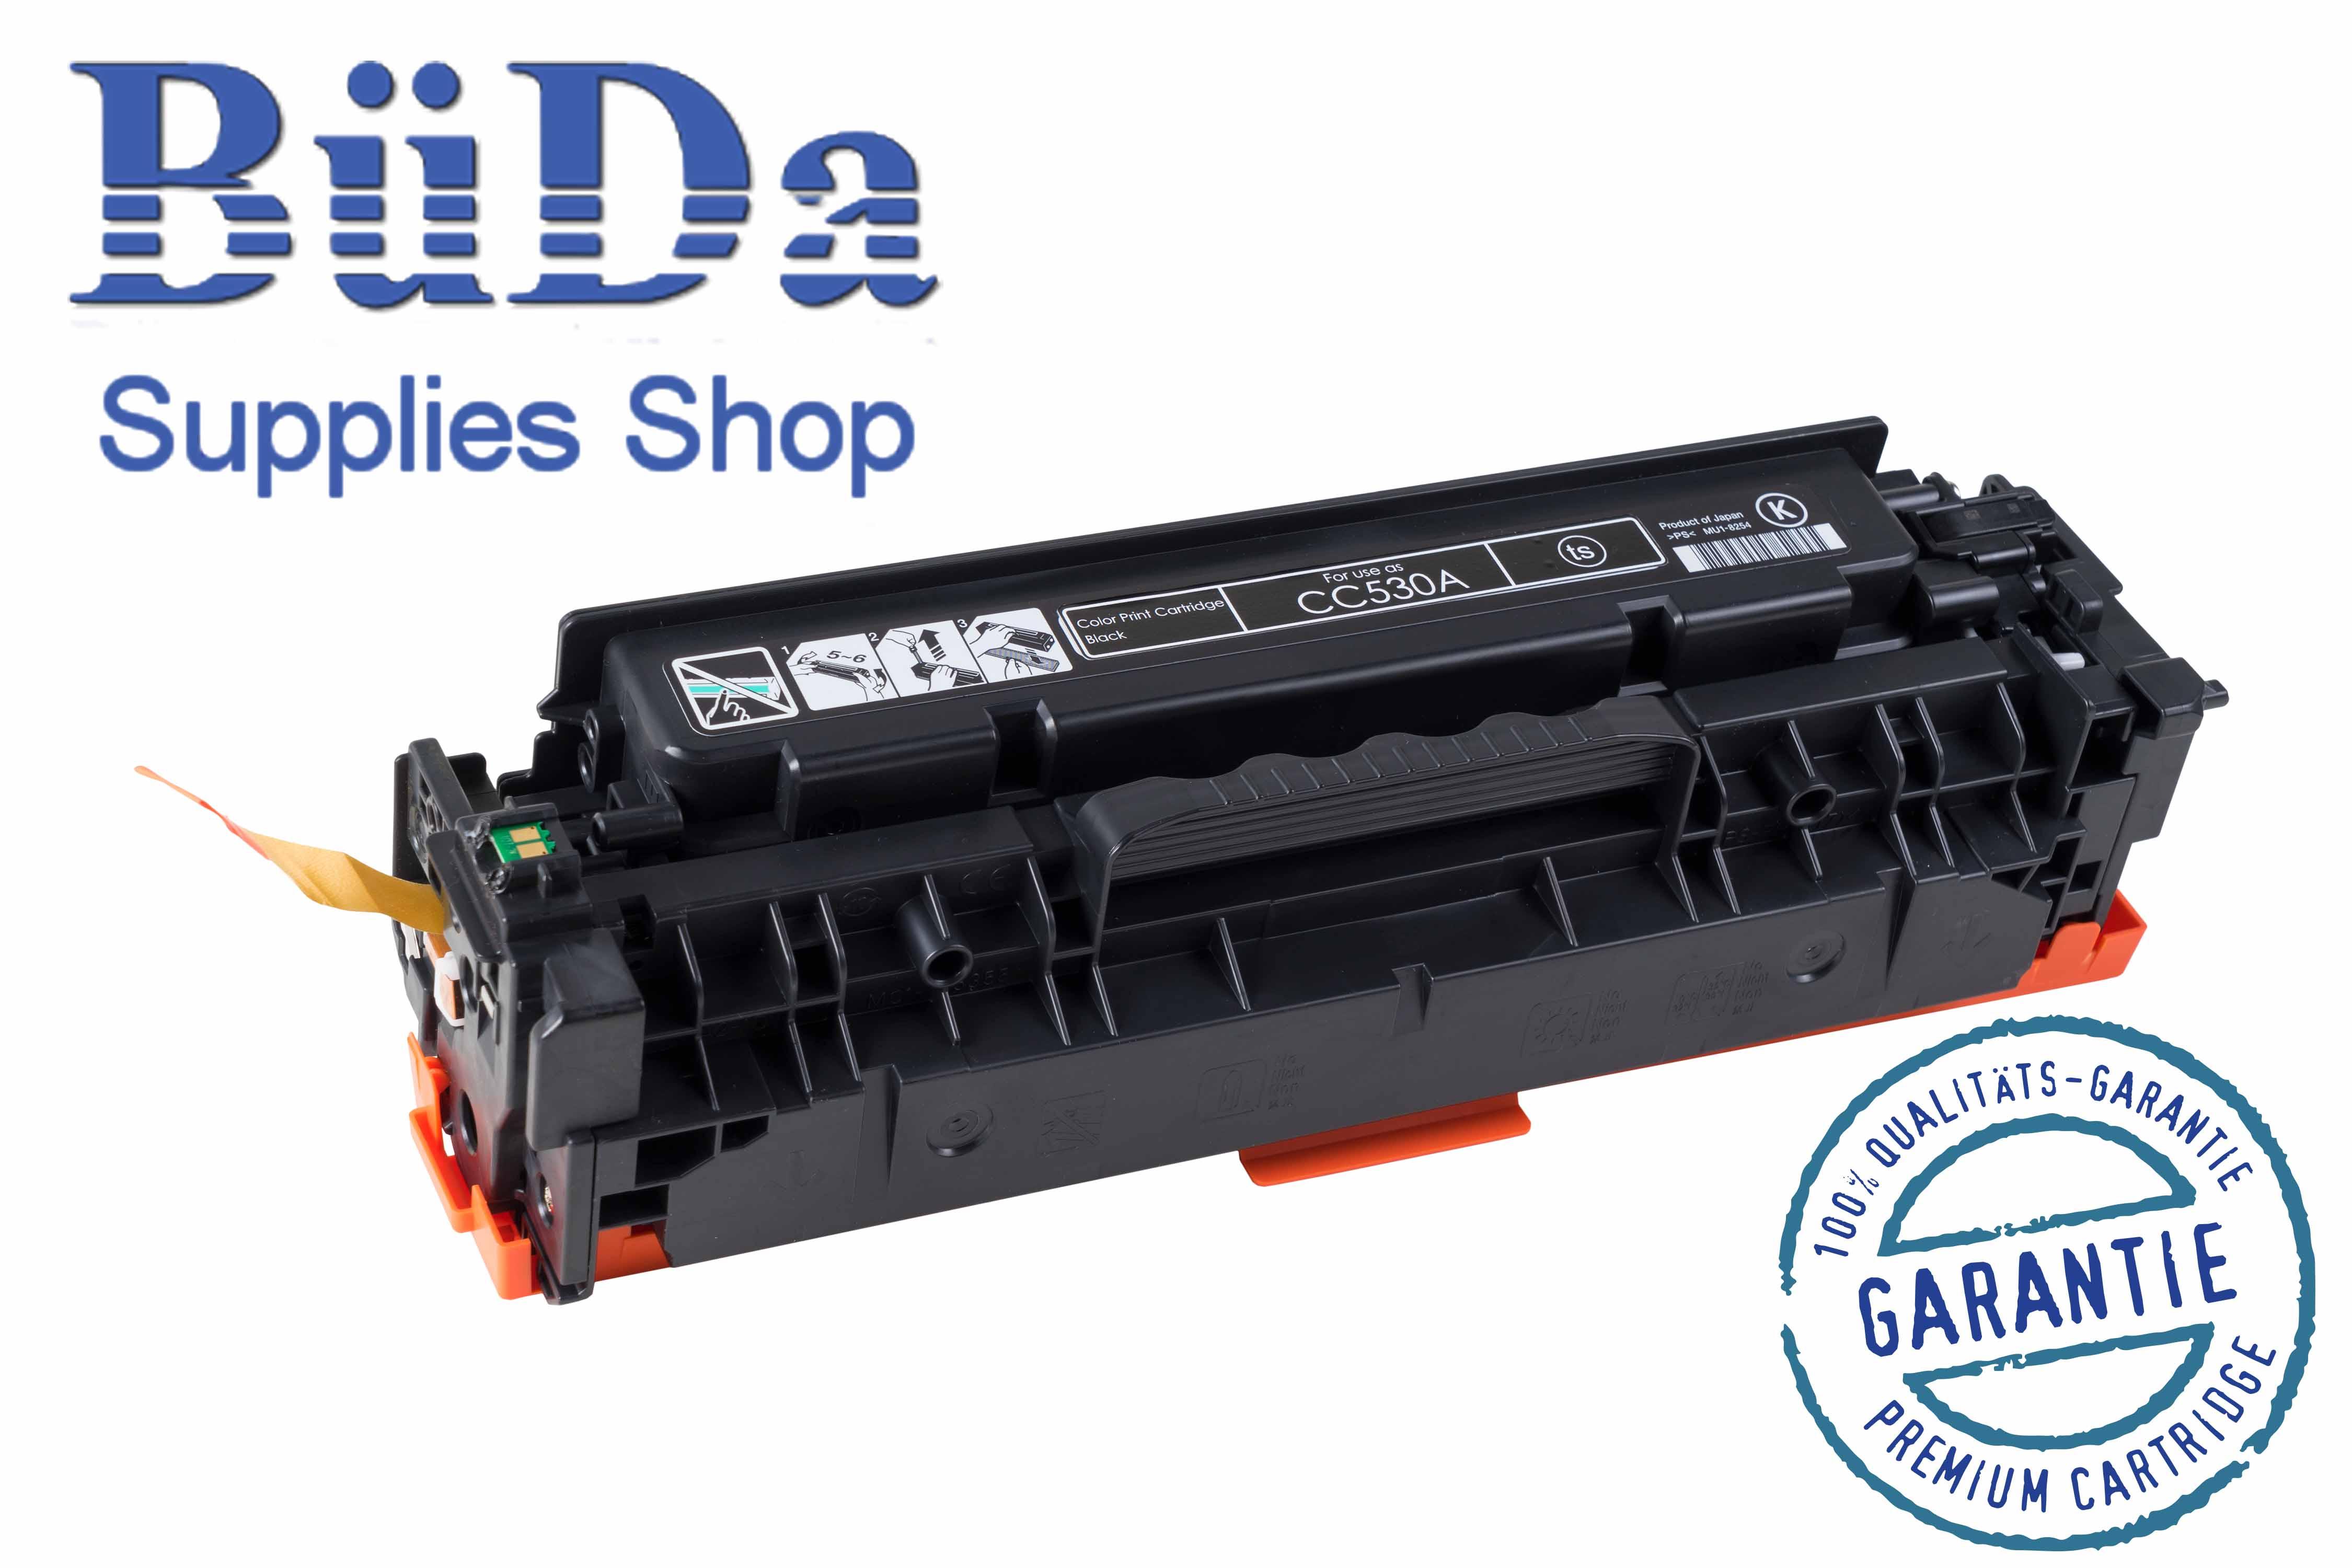 Toner-Modul komp. zu CC530A / Crt. 718B black 3500 Seiten